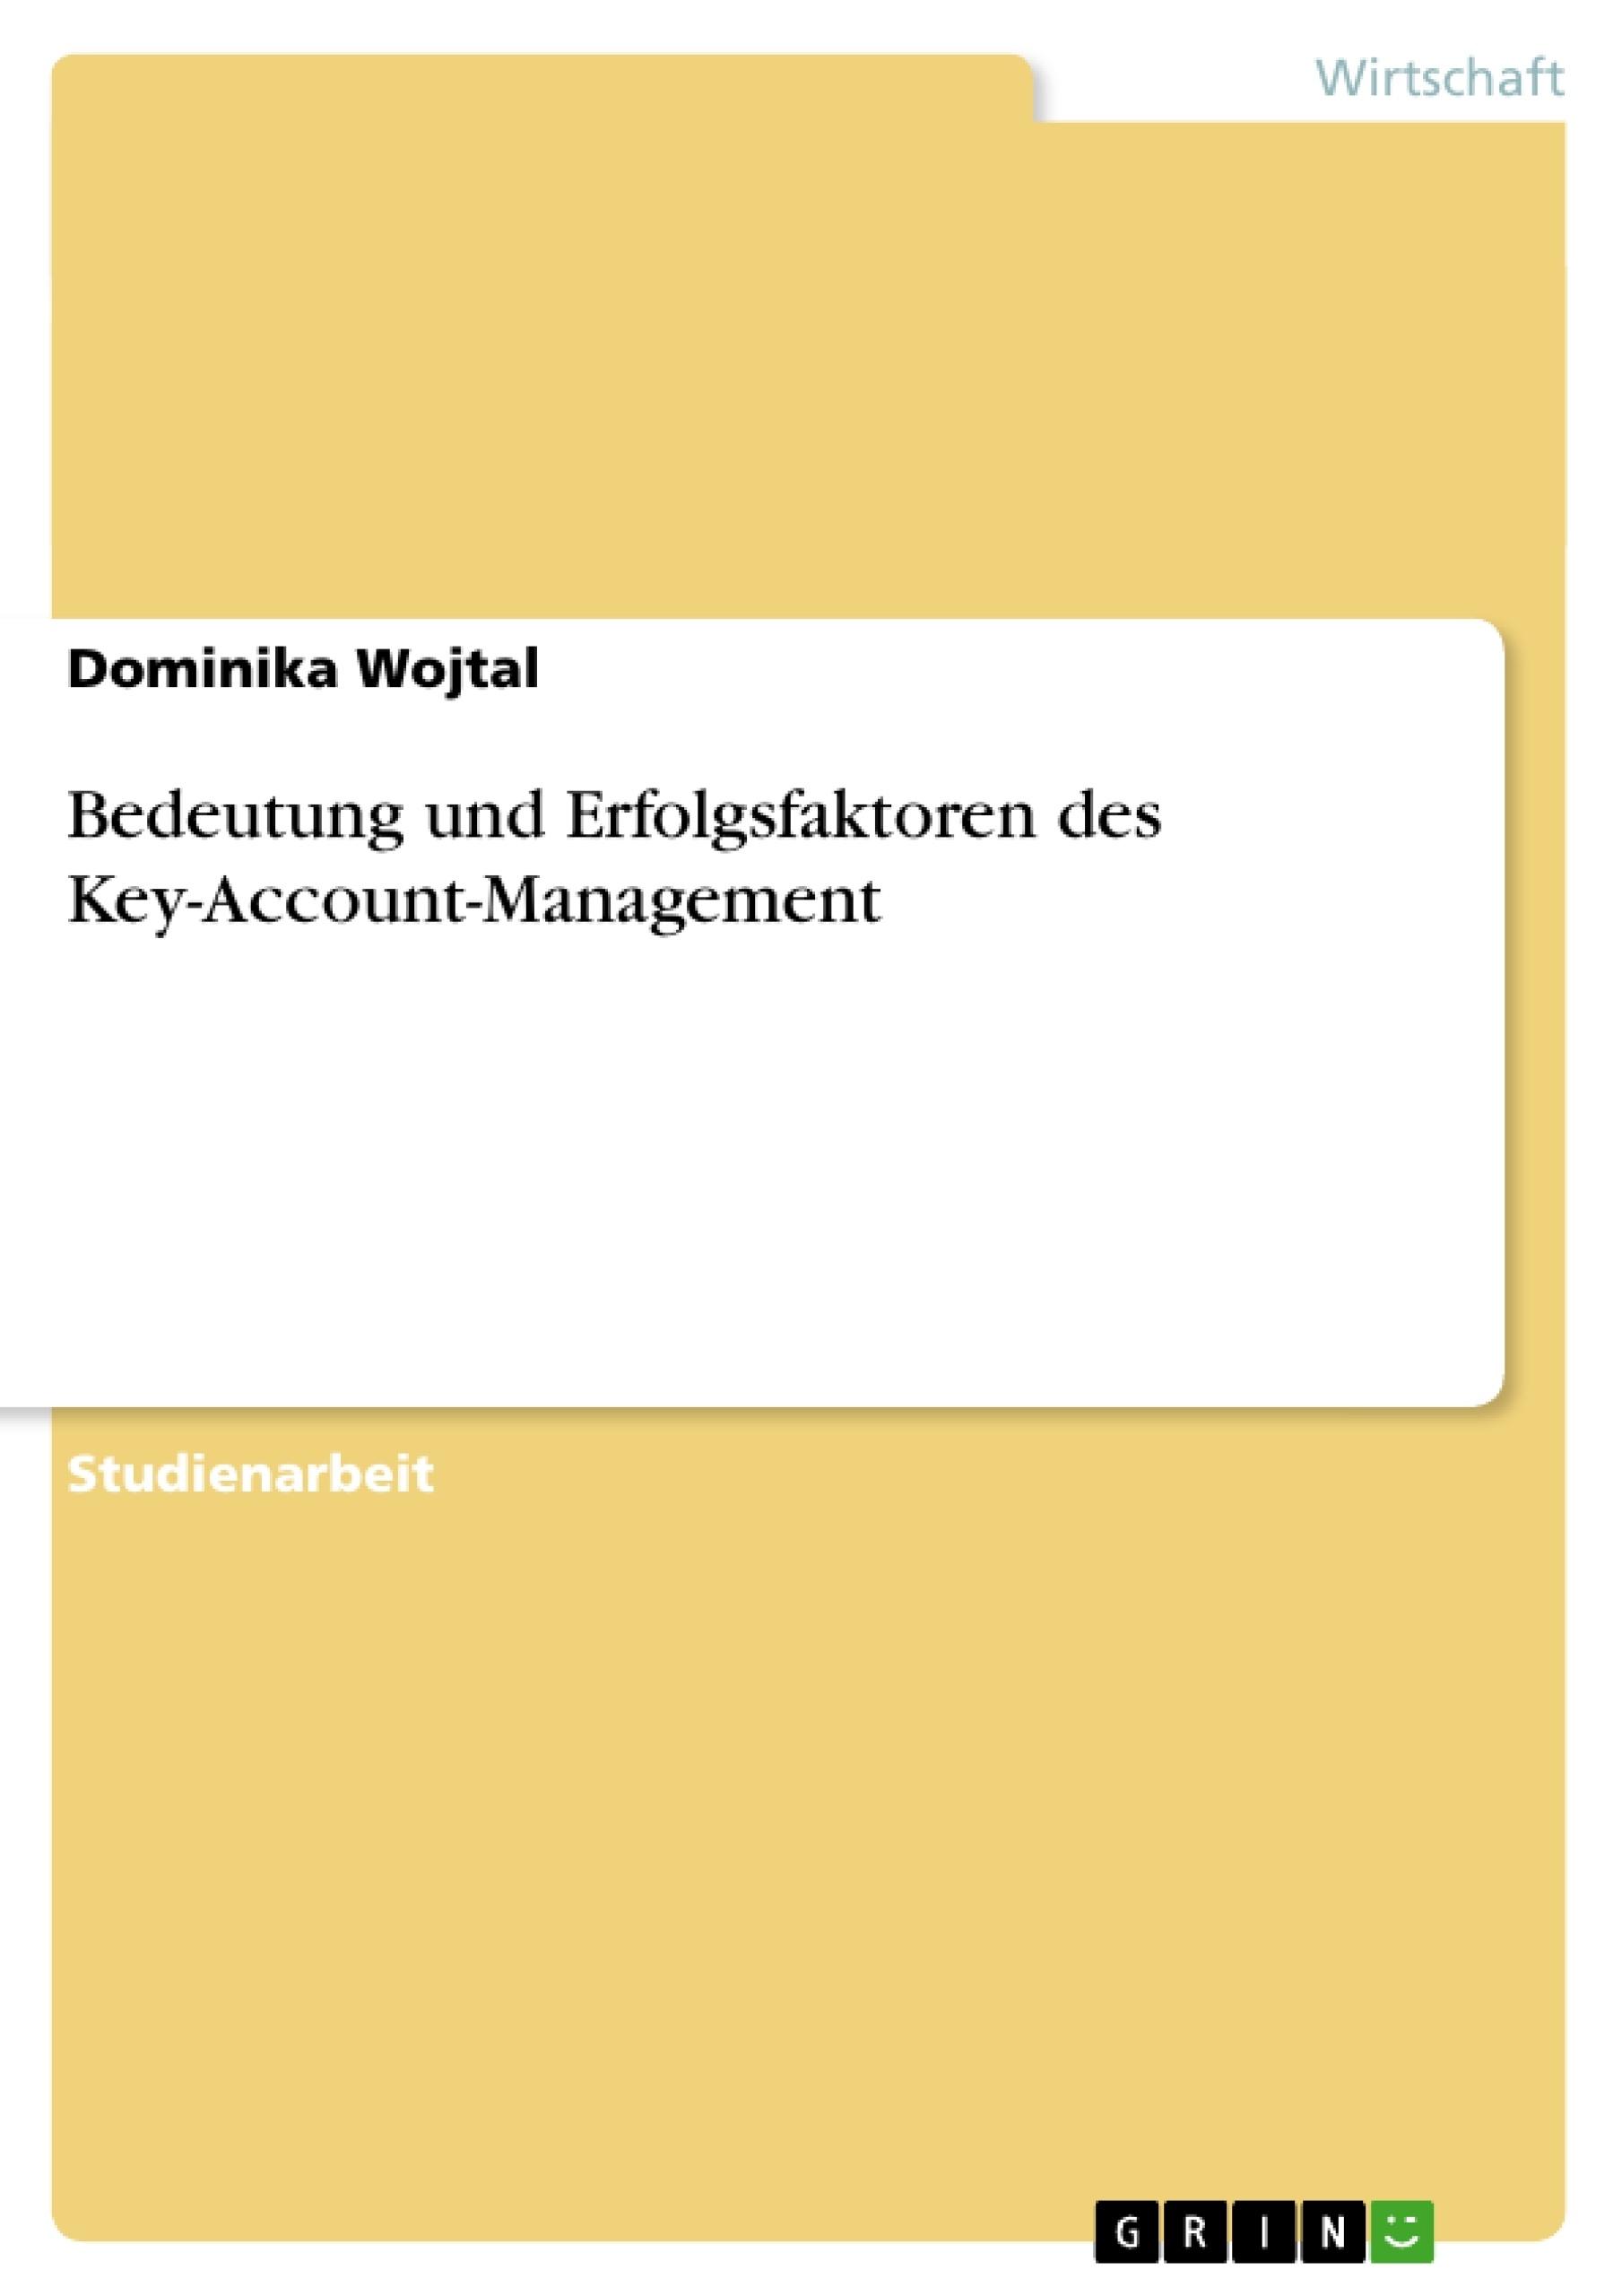 Titel: Bedeutung und Erfolgsfaktoren des Key-Account-Management